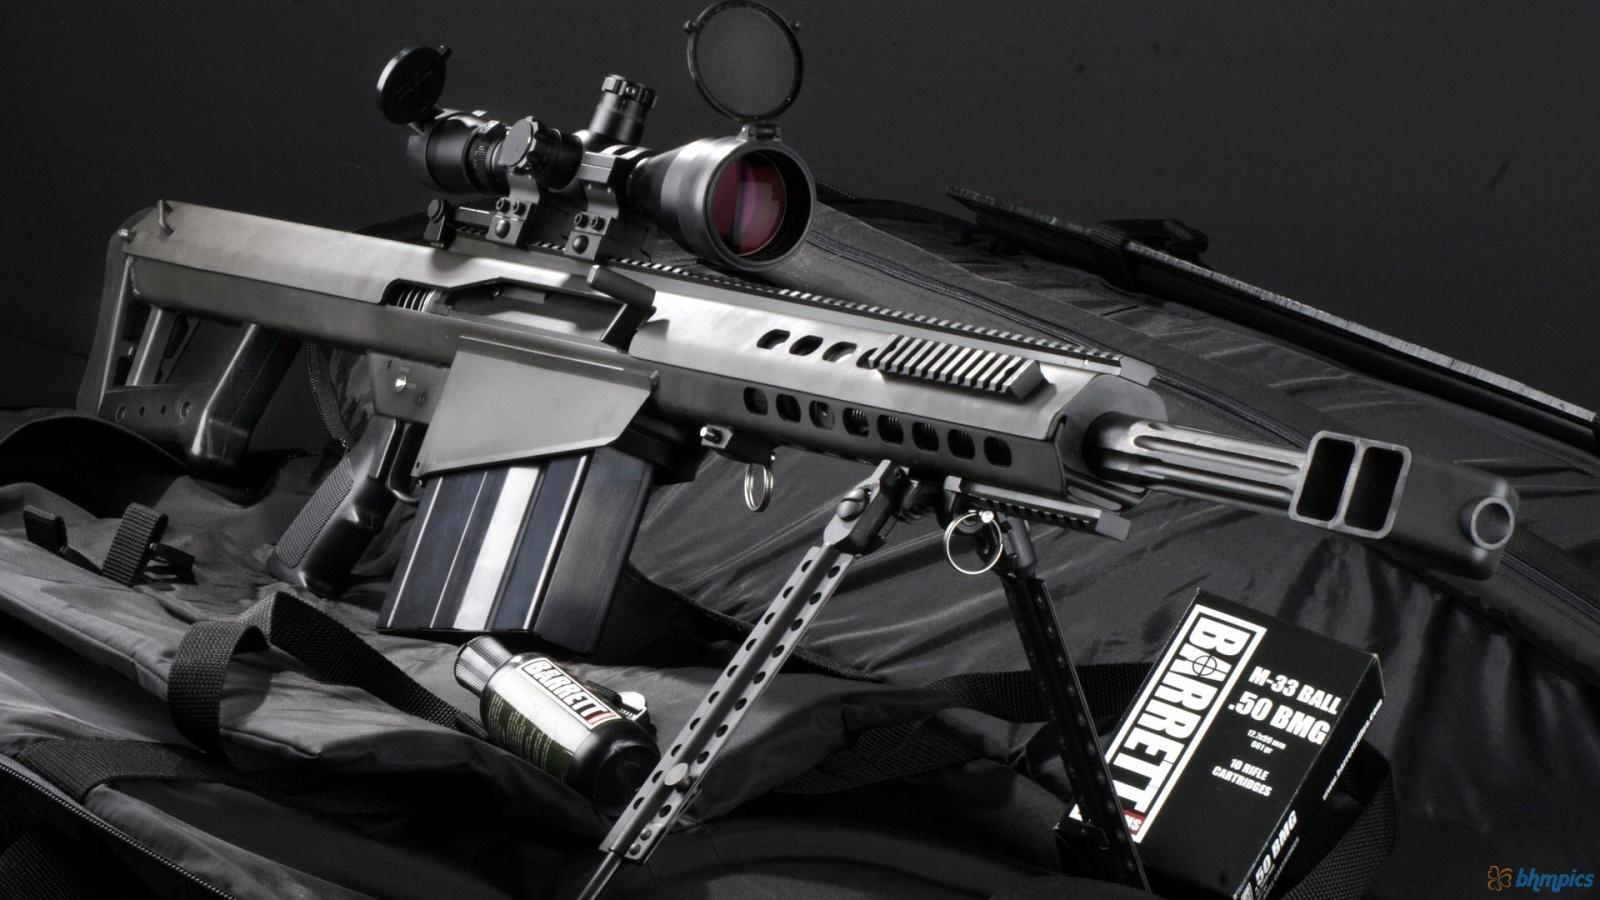 Sniper Rifle M82a1 1600x900 1788 HD Wallpaper Res 1600x900 1600x900